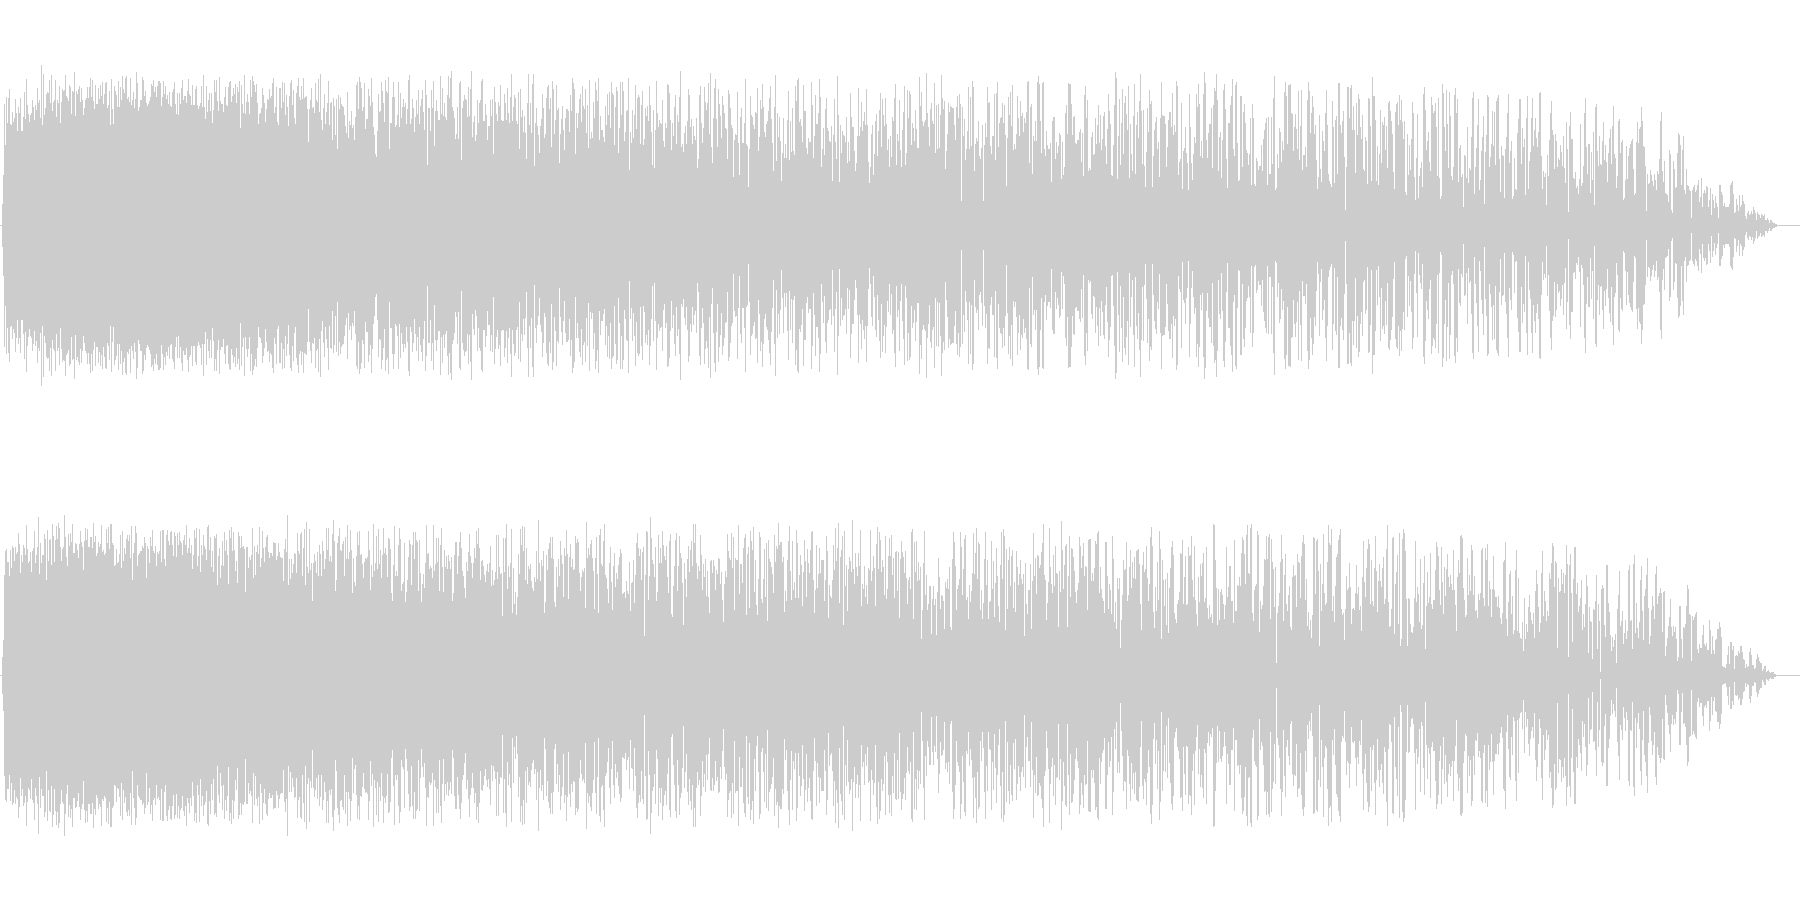 ピシャァーン(雷のような音)の未再生の波形